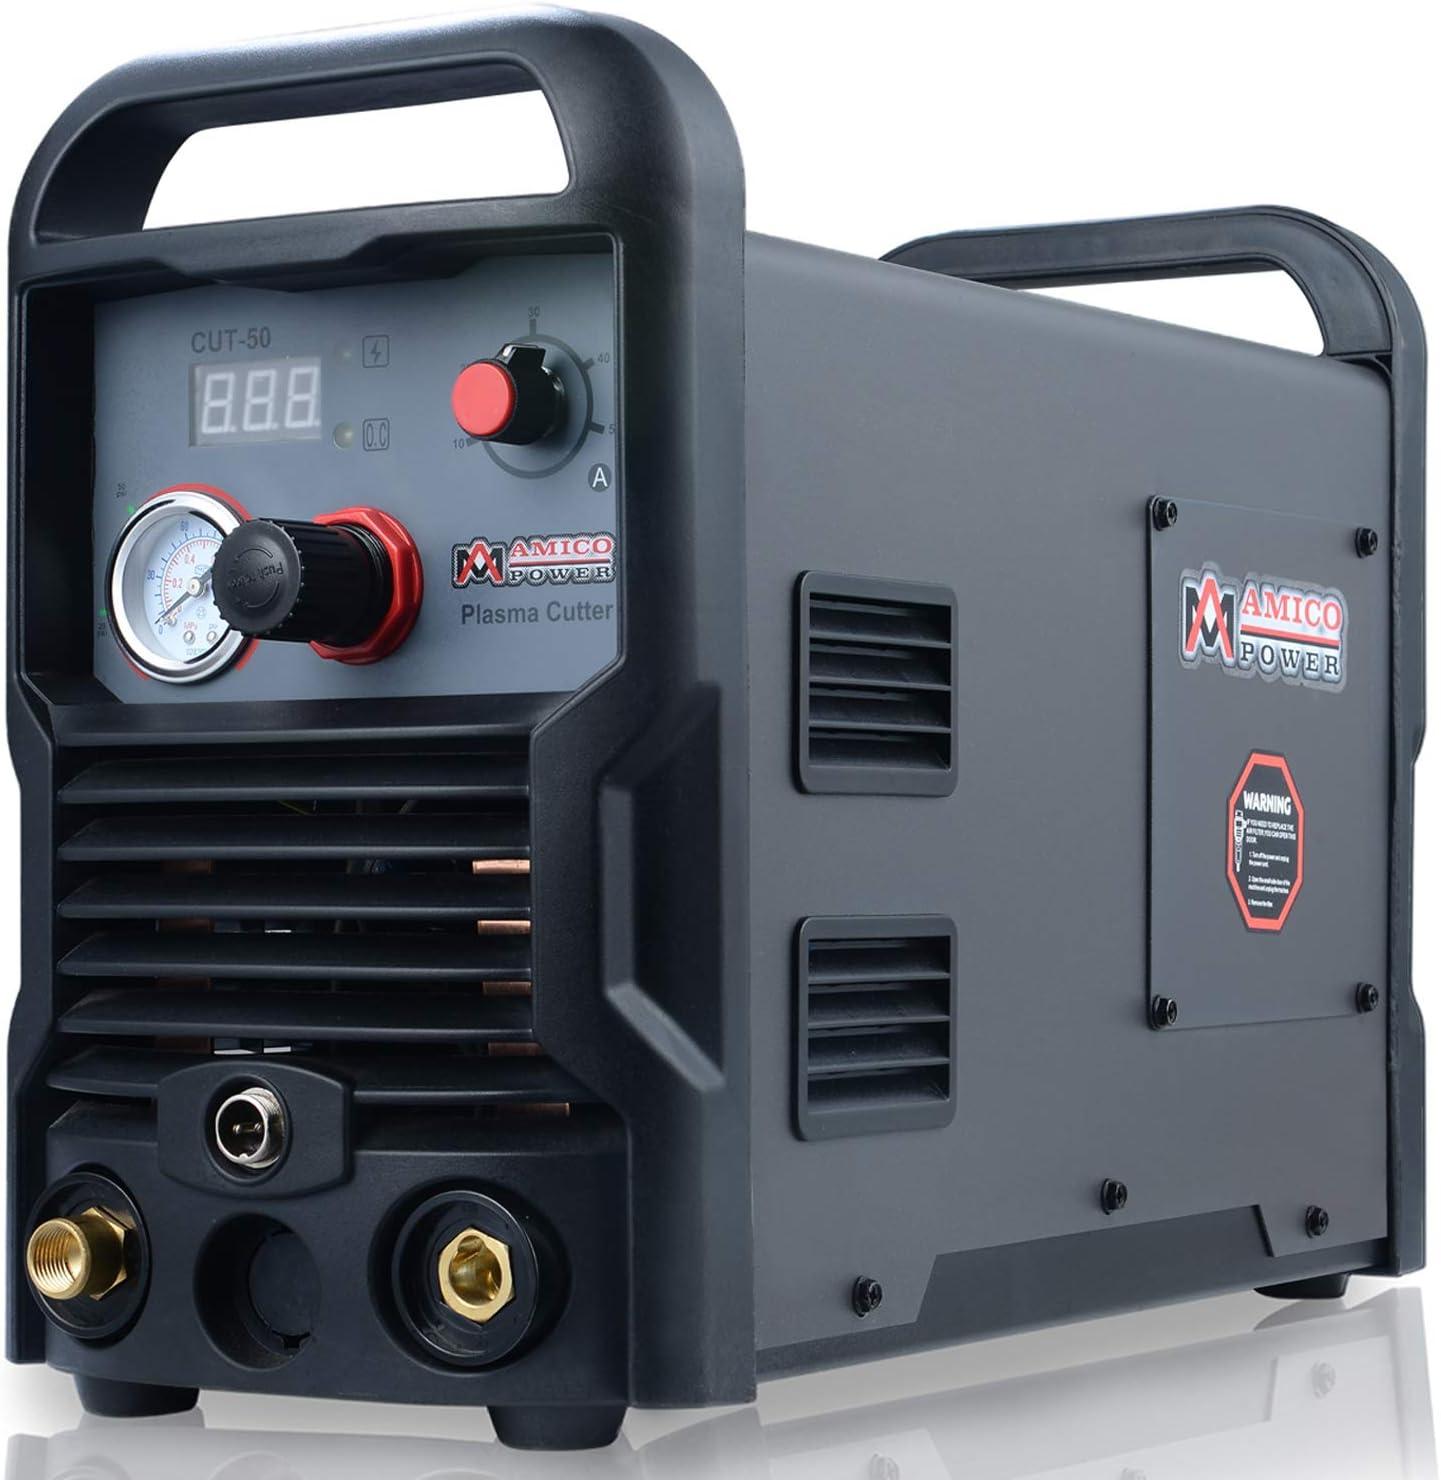 Cut-50 Plasma Cutter, DC Inverter